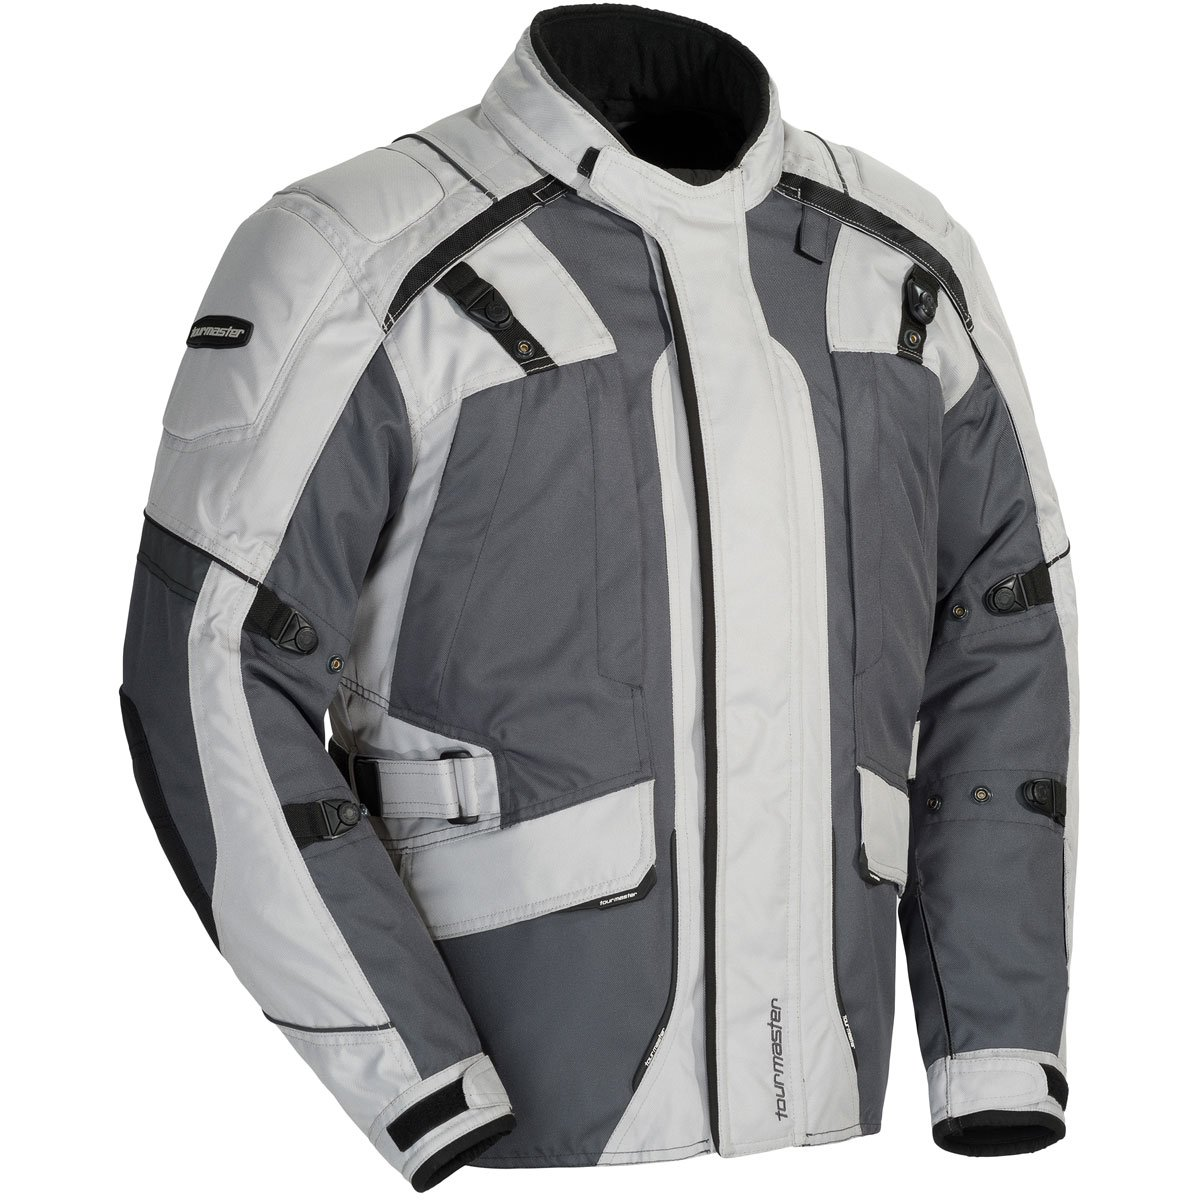 Tour Master Transition Series 4 Men's Textile Sports Bike Racing Motorcycle Jacket - Light Grey/Gun Metal / 2X-Large